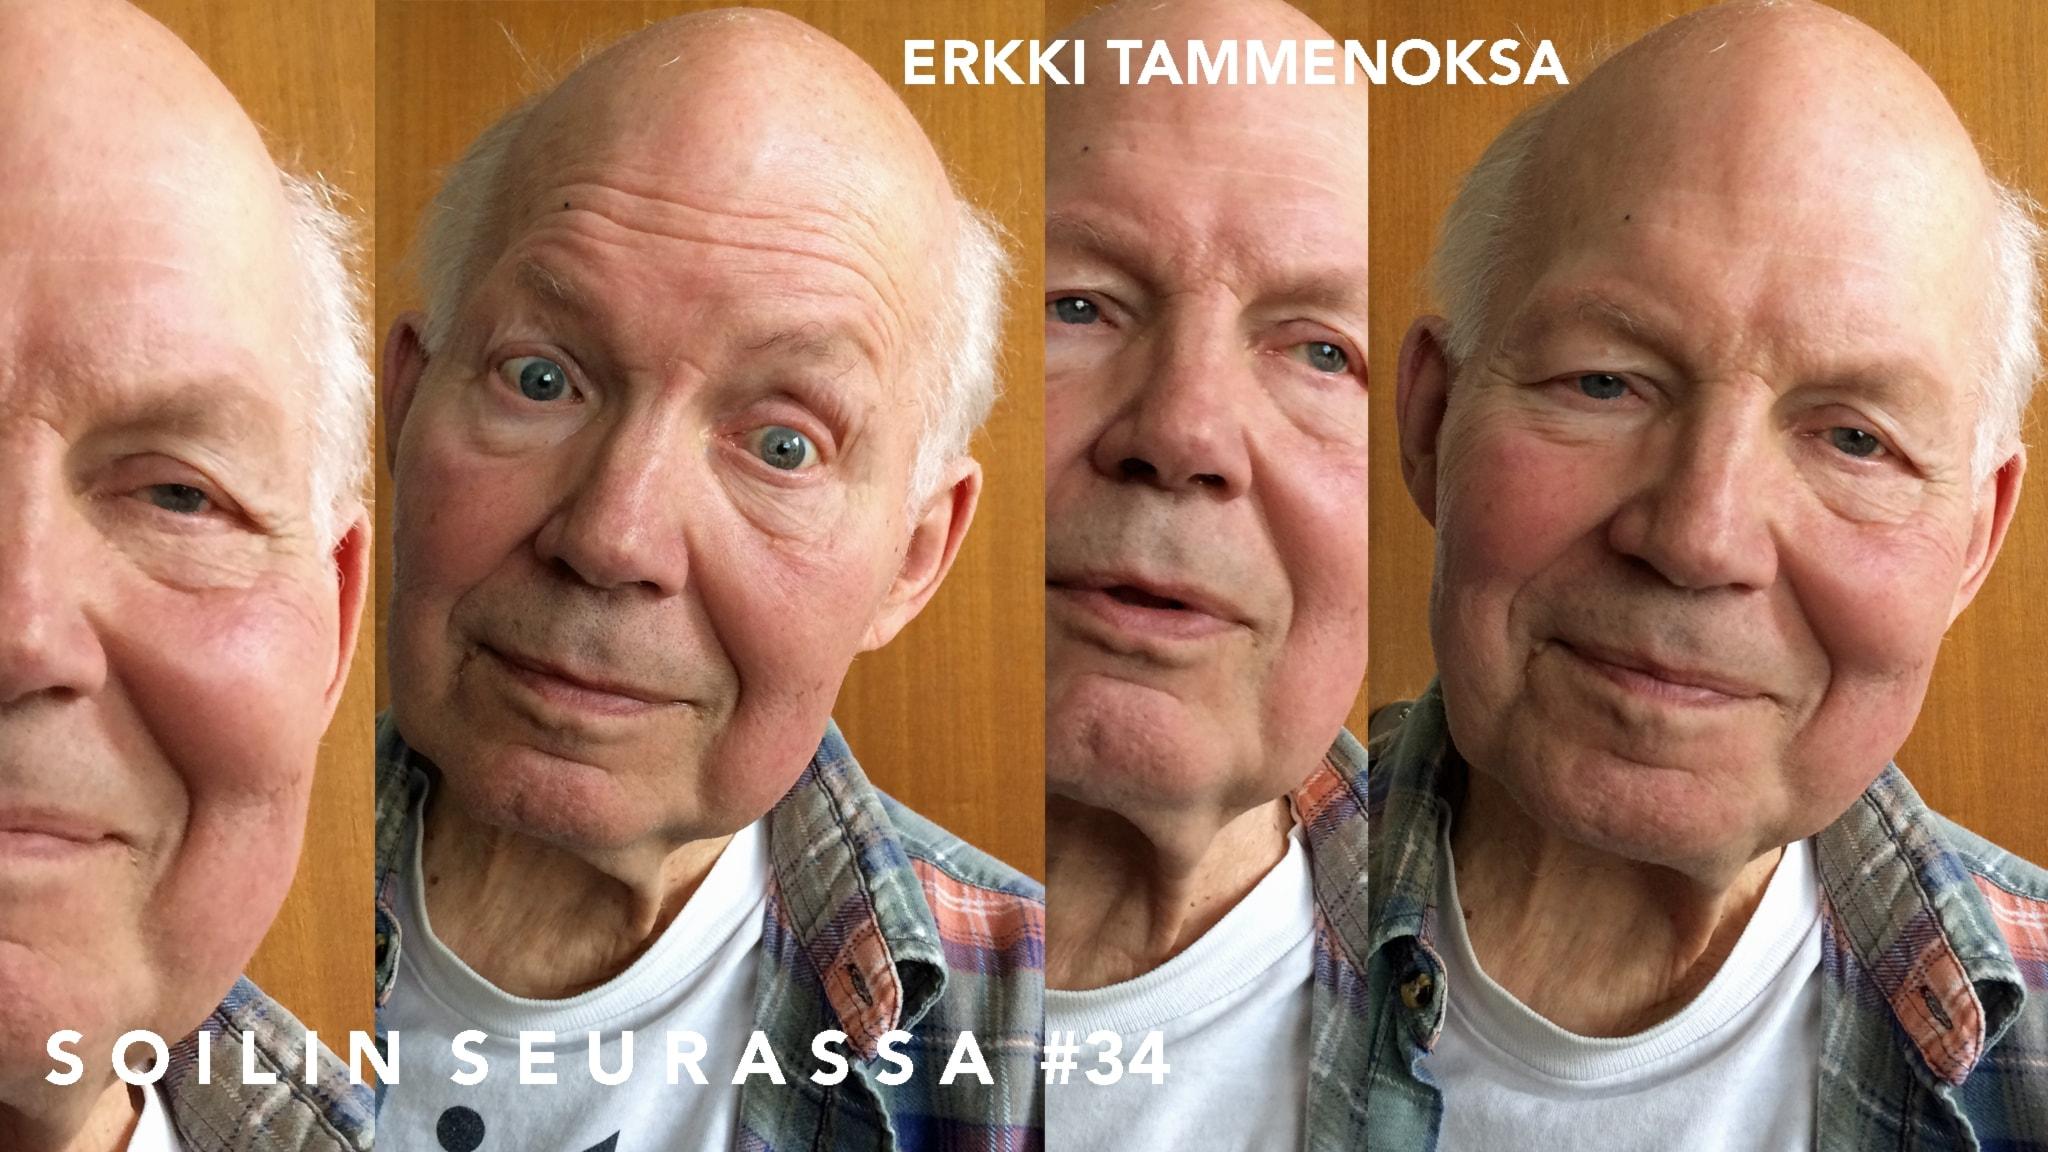 Soilin seurassa entinen valtiopäiväedustaja Erkki Tammenoksa